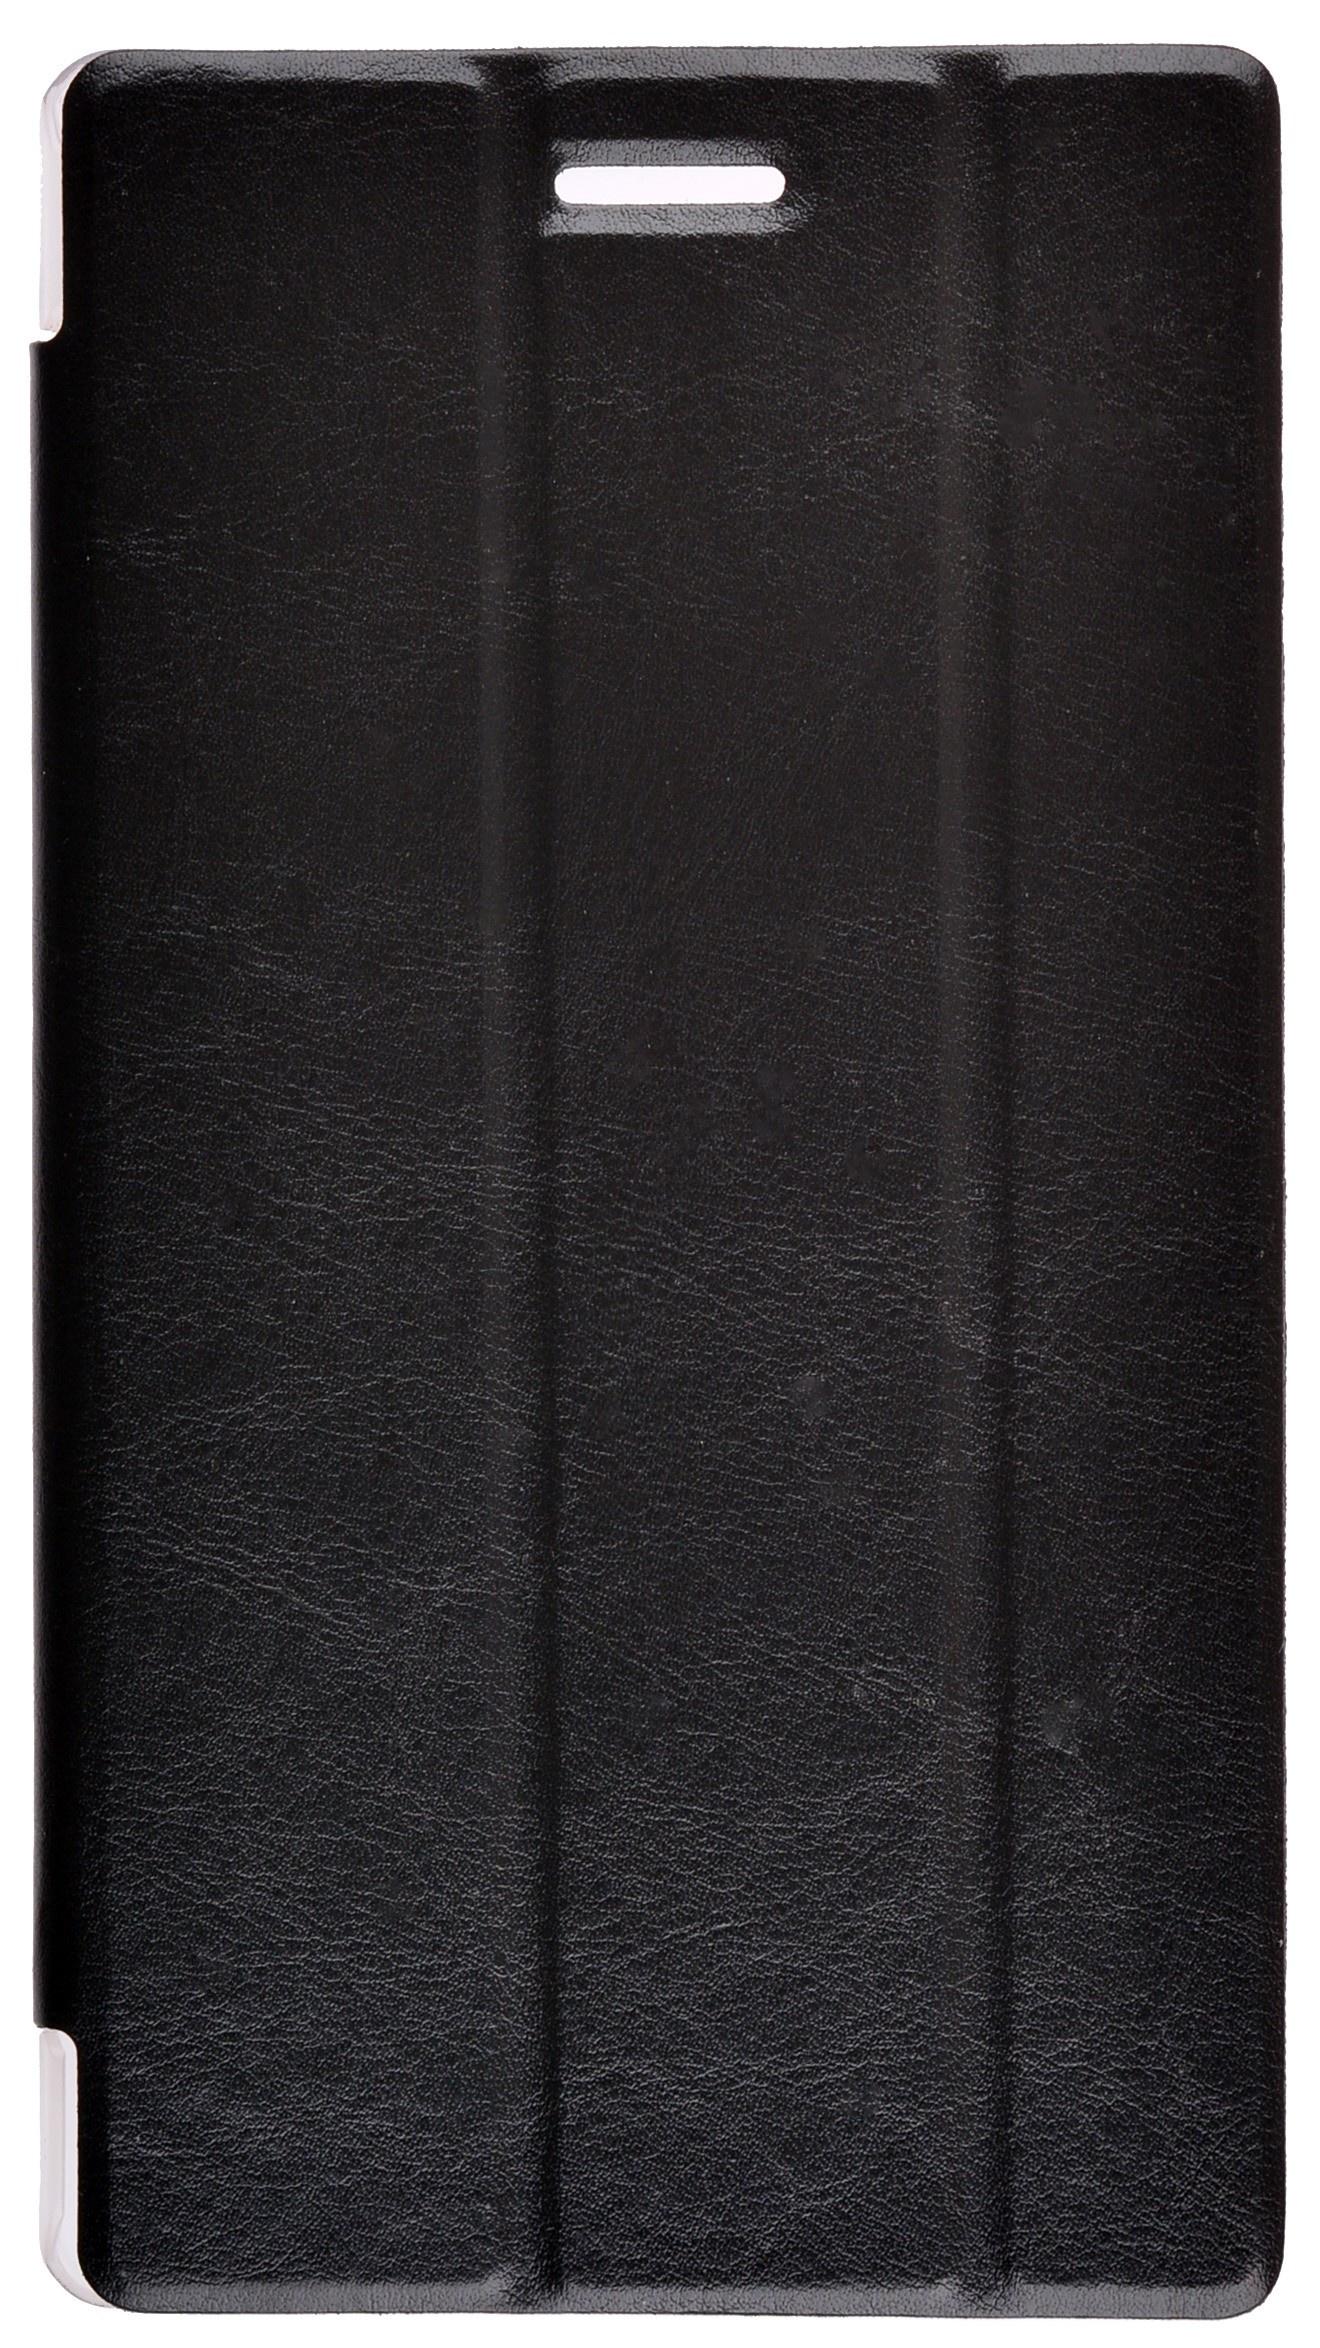 Чехол для планшета ProShield Smart, 4630042528536, черный